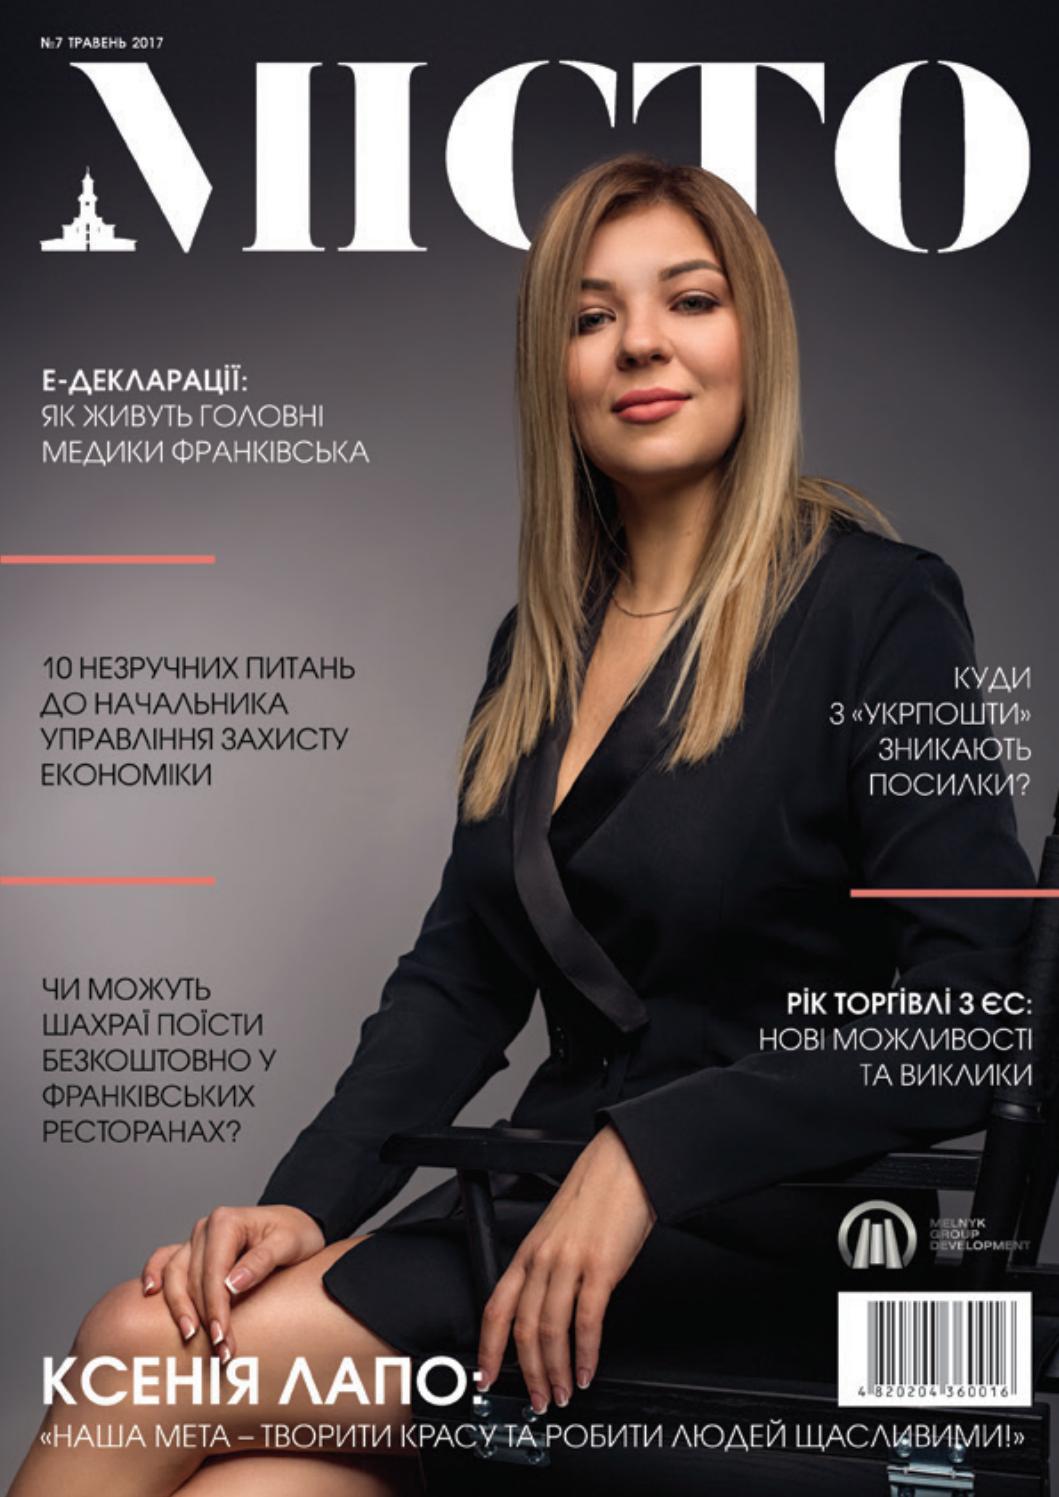 Журнал МІСТО № 7 by Юлія - issuu 369893159c041